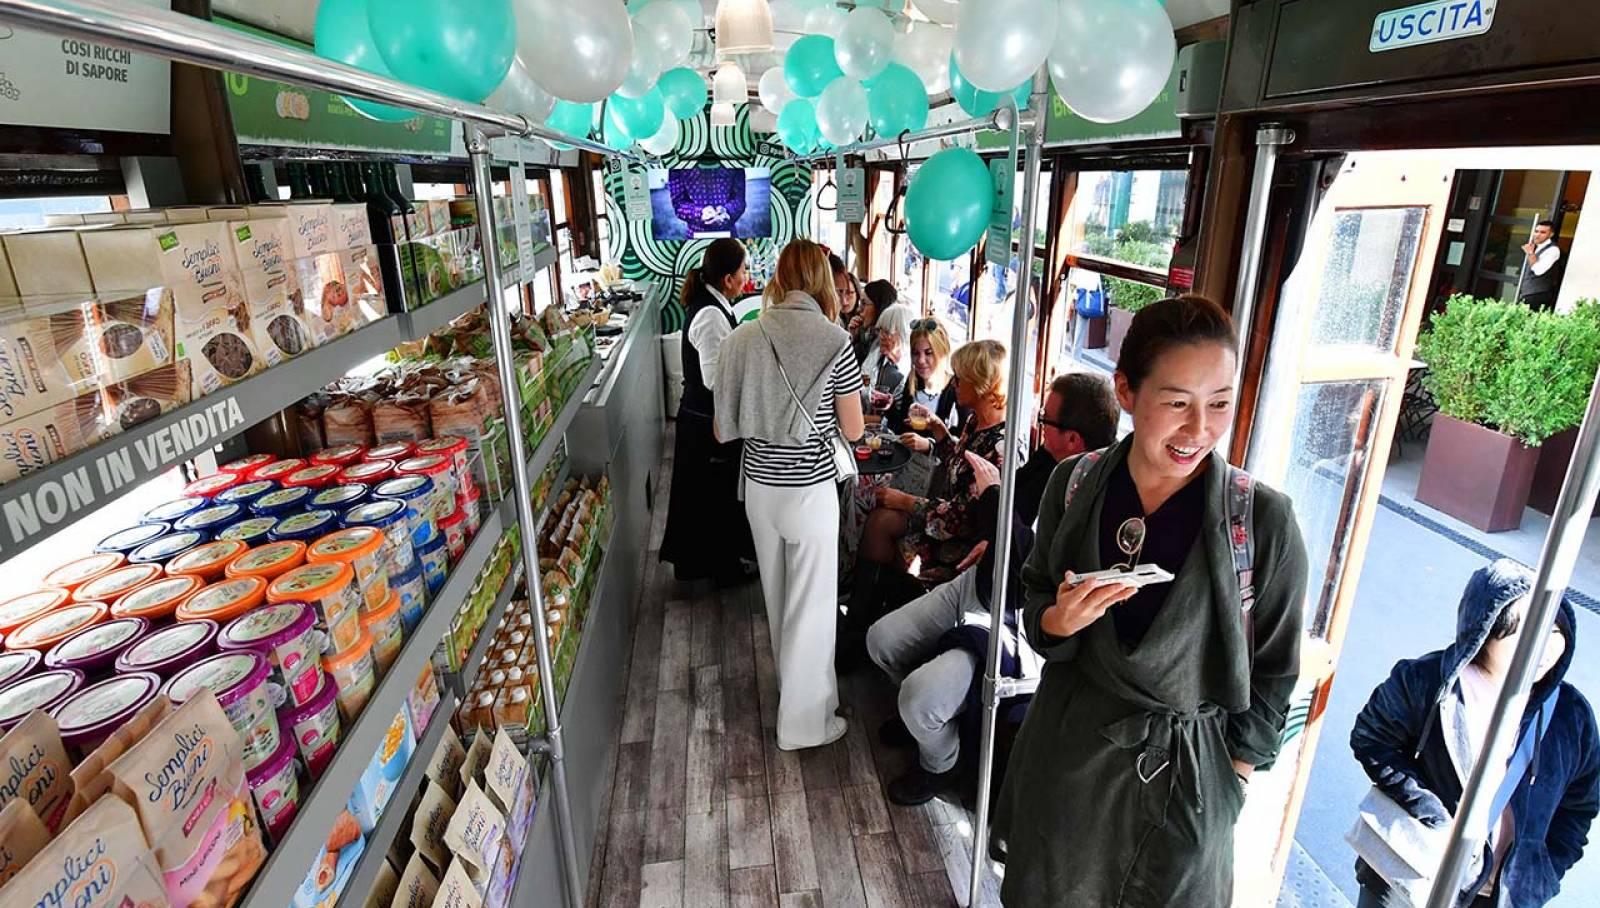 Pubblicità su tram Milano IGPDecaux tram speciale per Pam